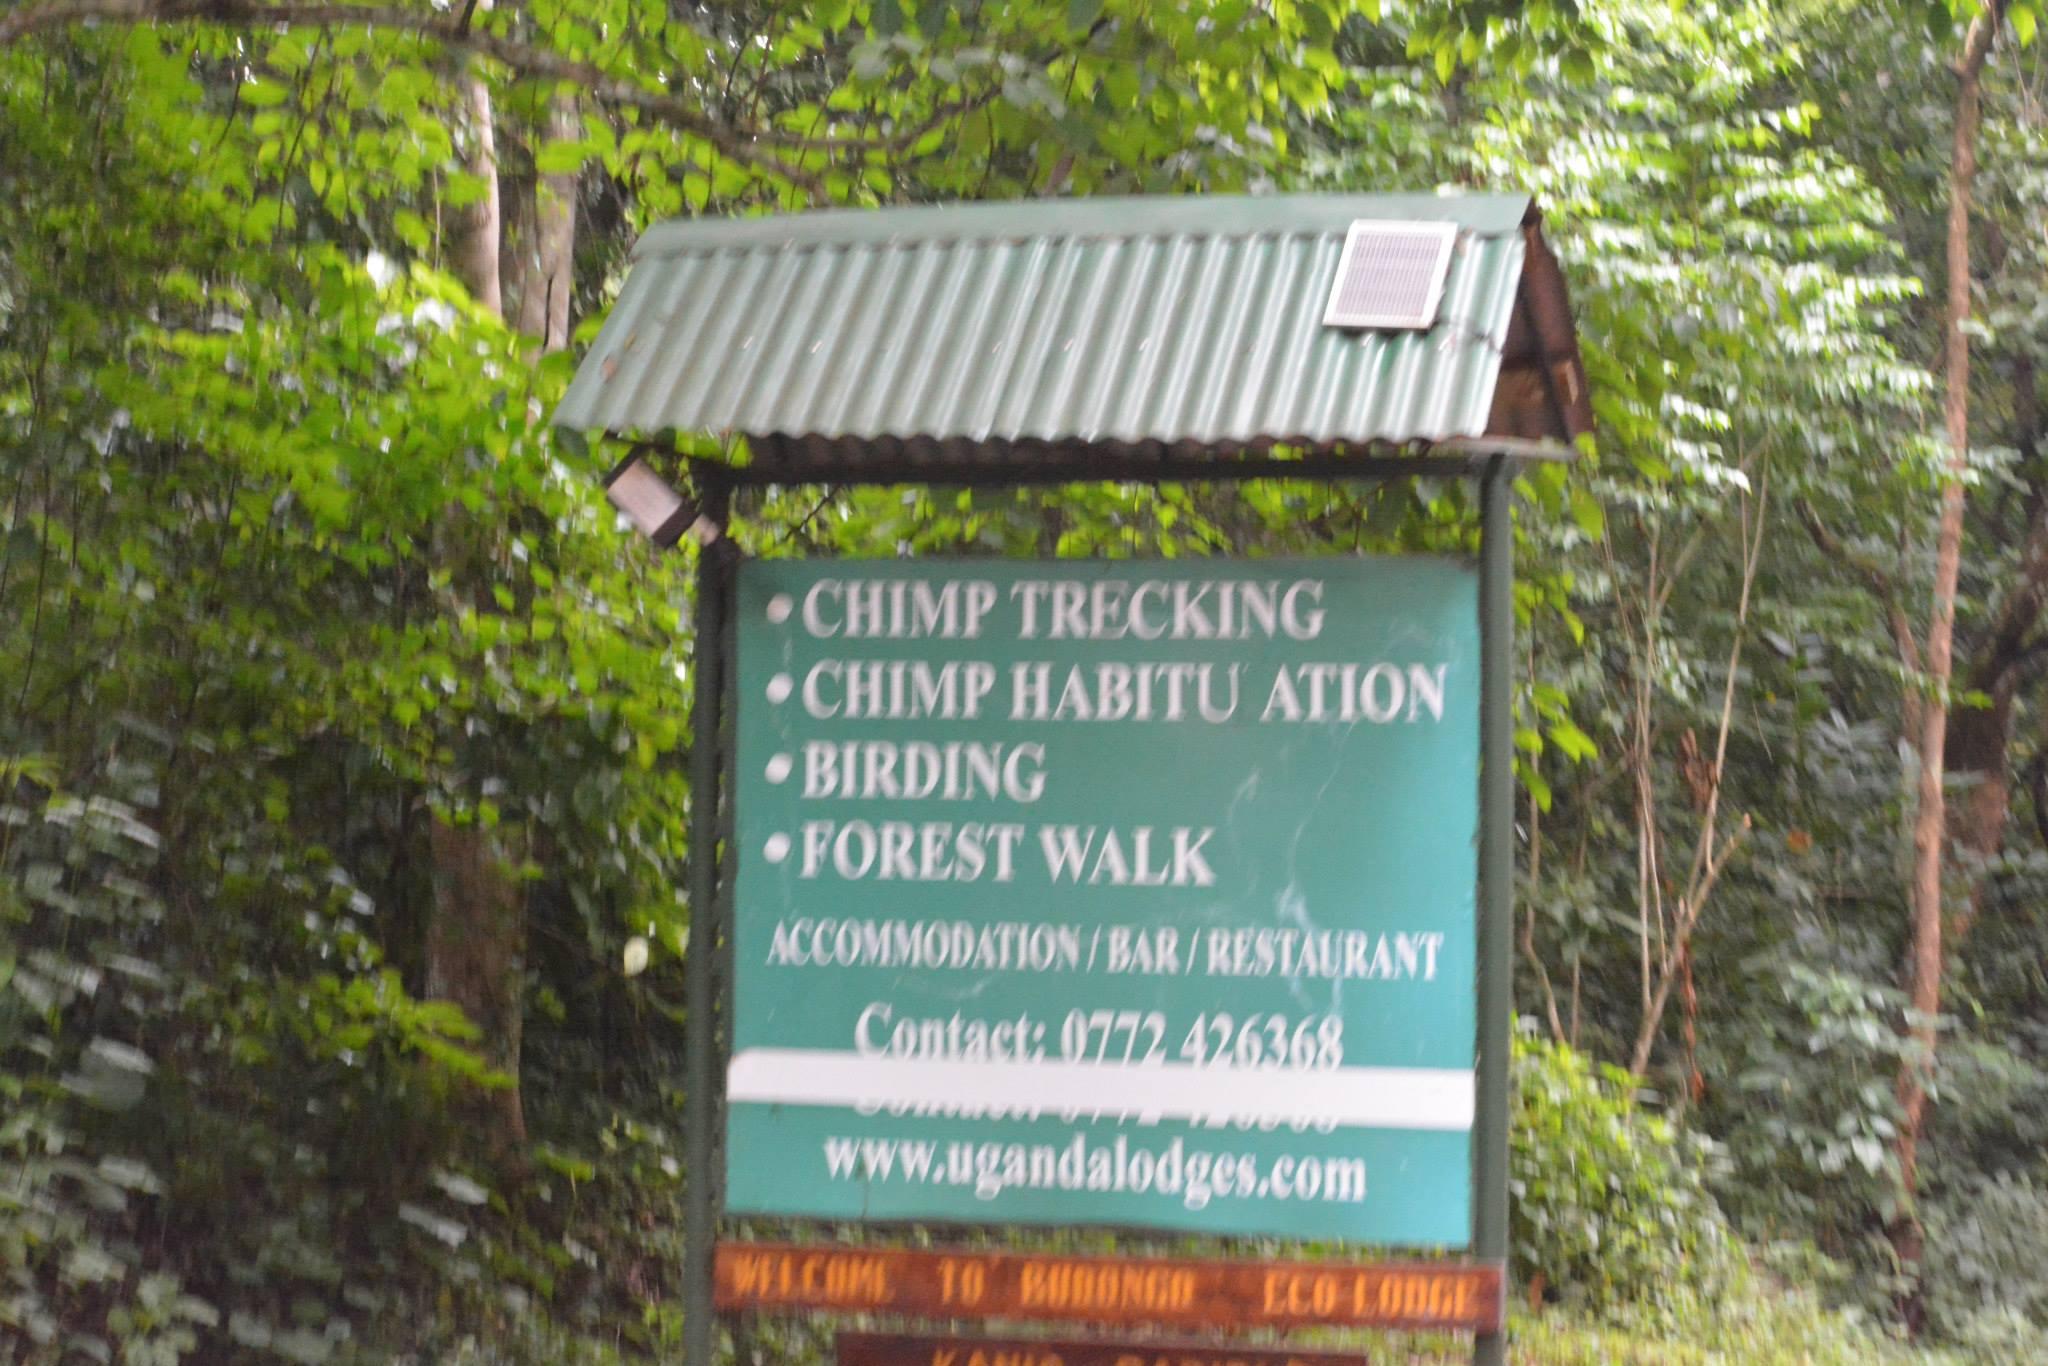 שלט להתחלת סיורי השימפנזים